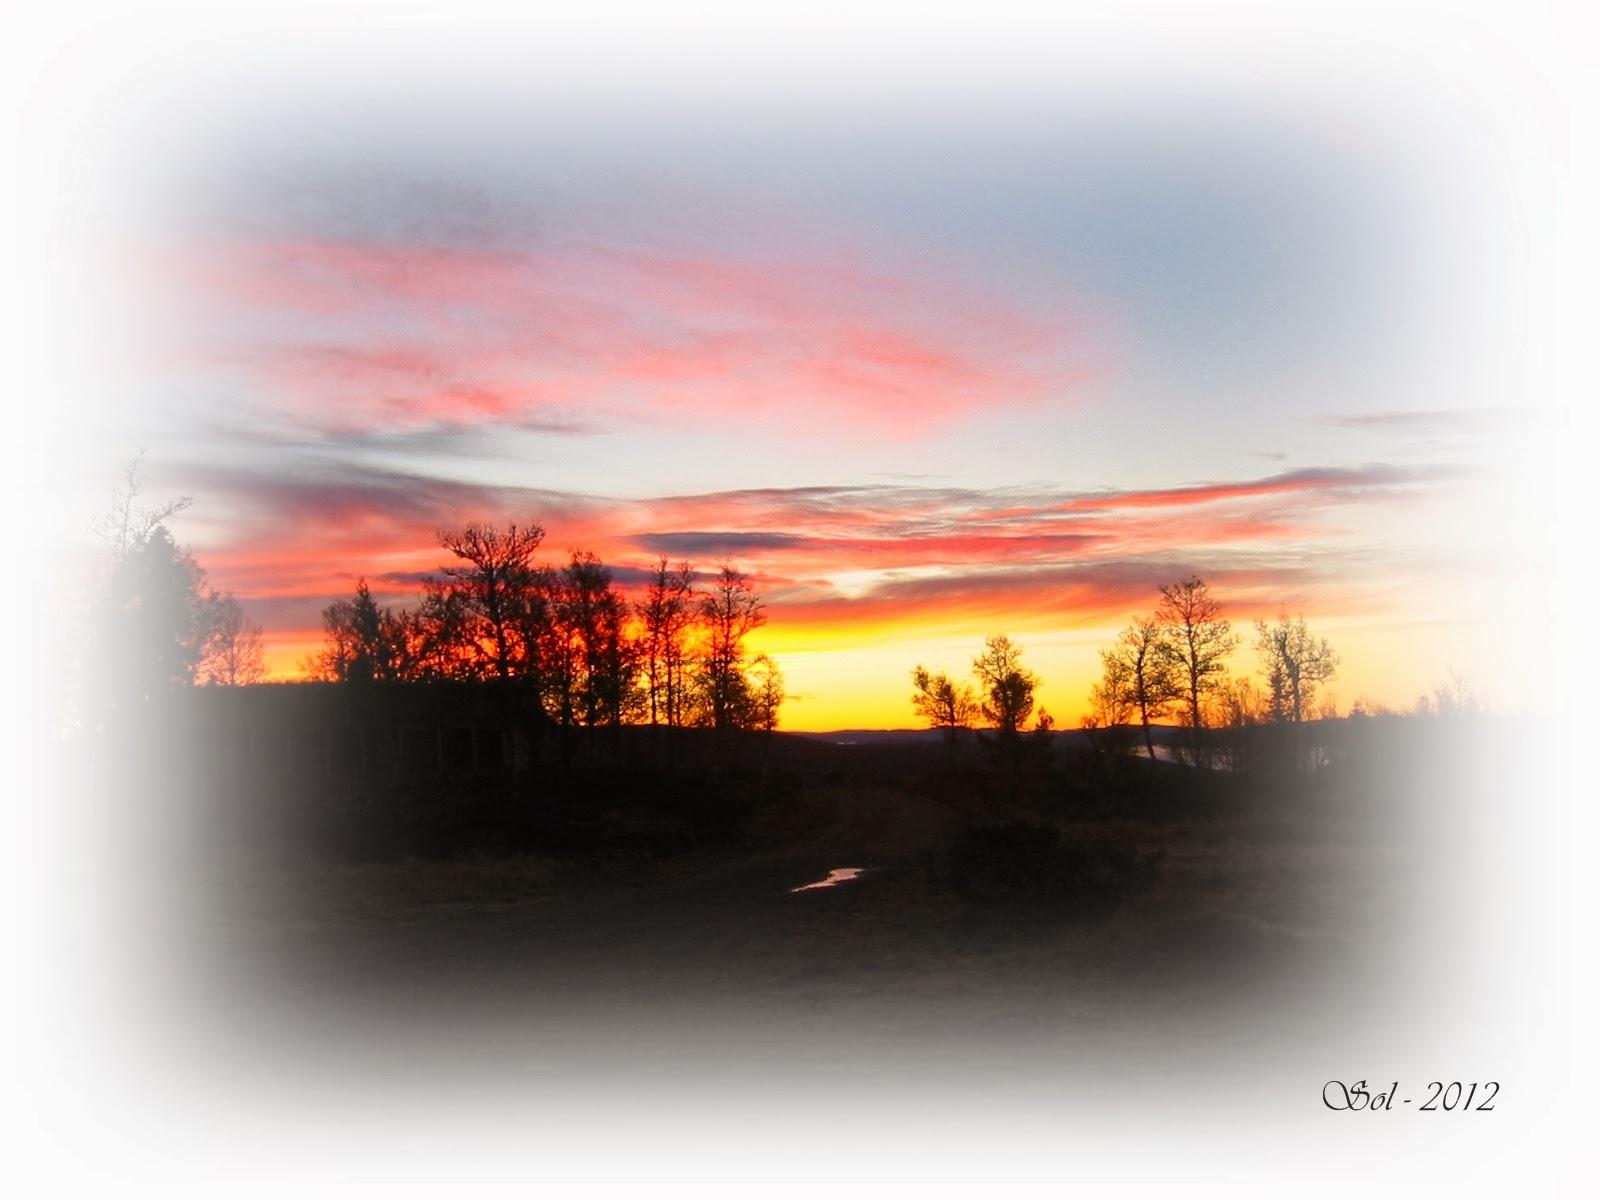 2012 Ut på tur